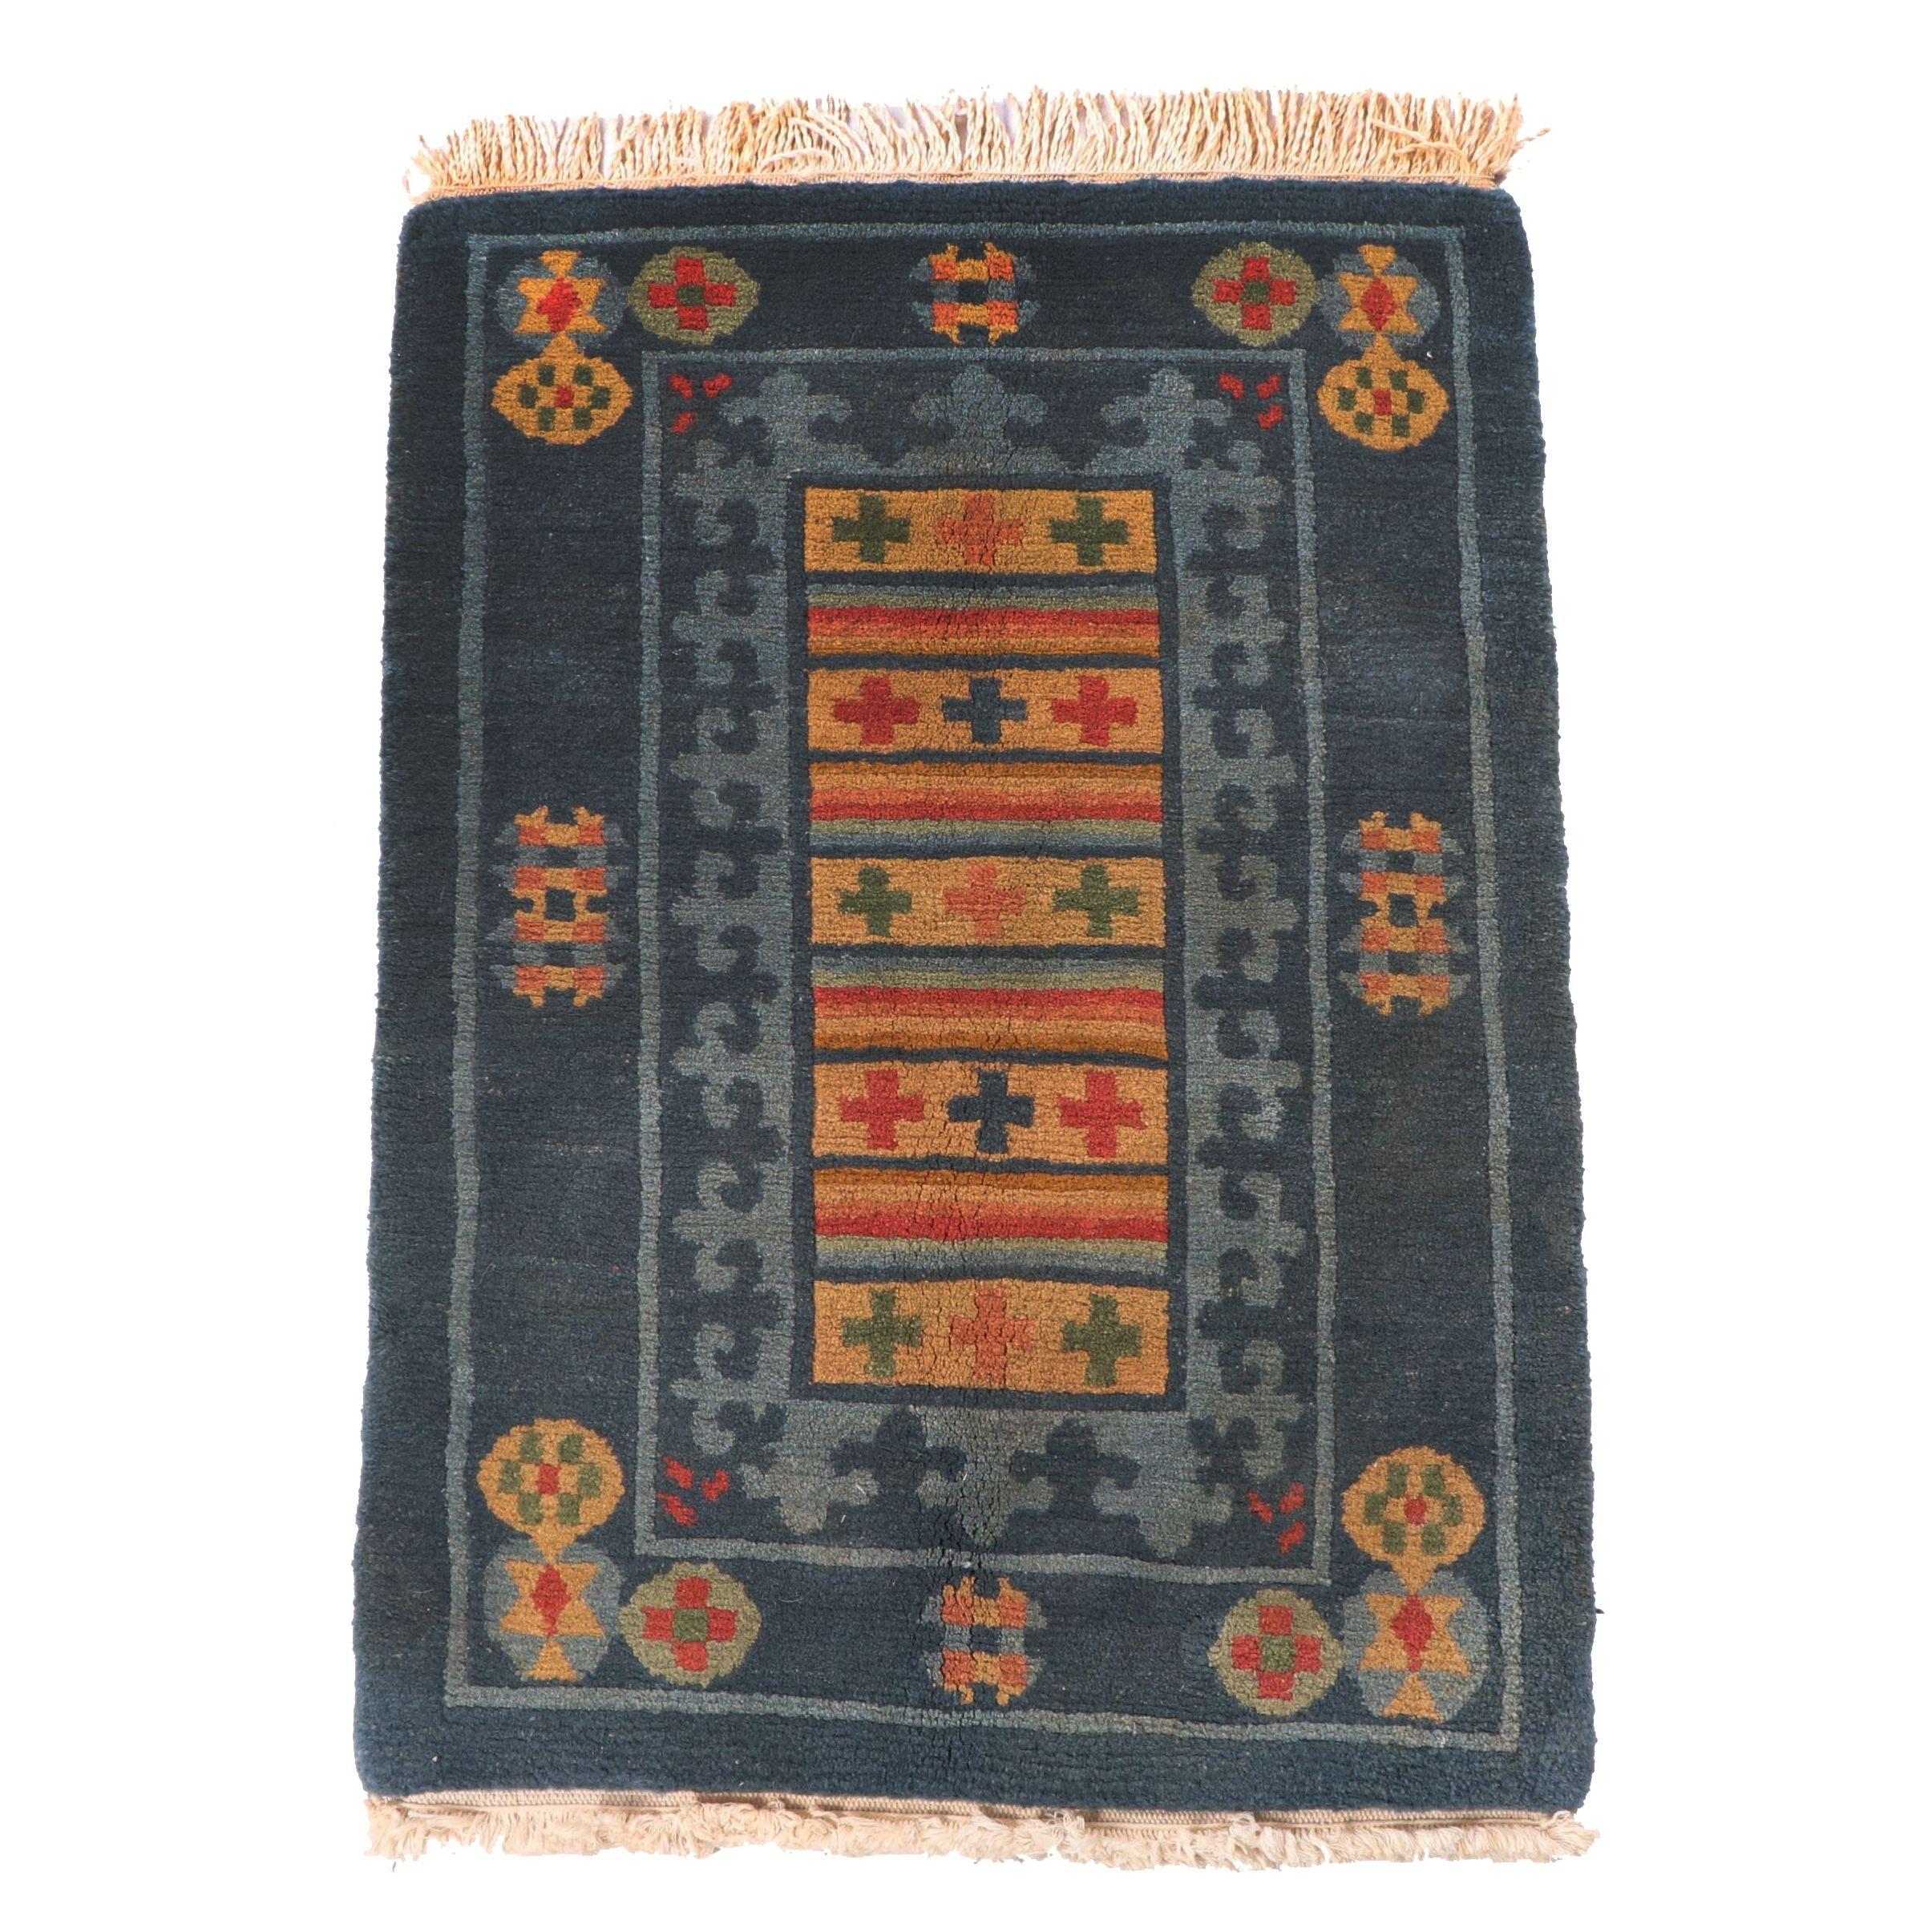 Hand-Knotted Tibetan Gangchen Carpets Wool Rug